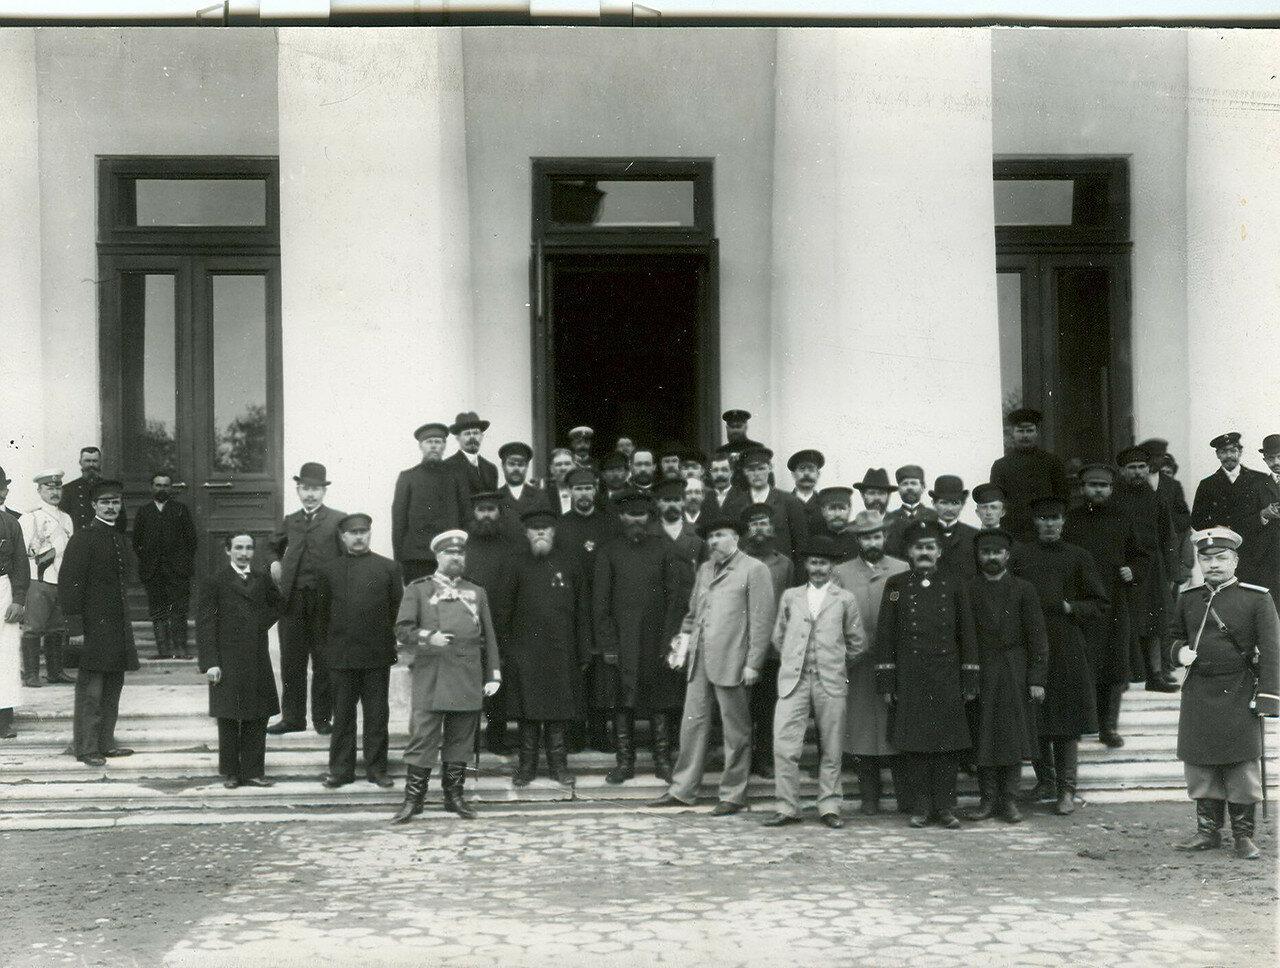 Группа депутатов Первой Государственной думы у главного подъездаТаврического дворца